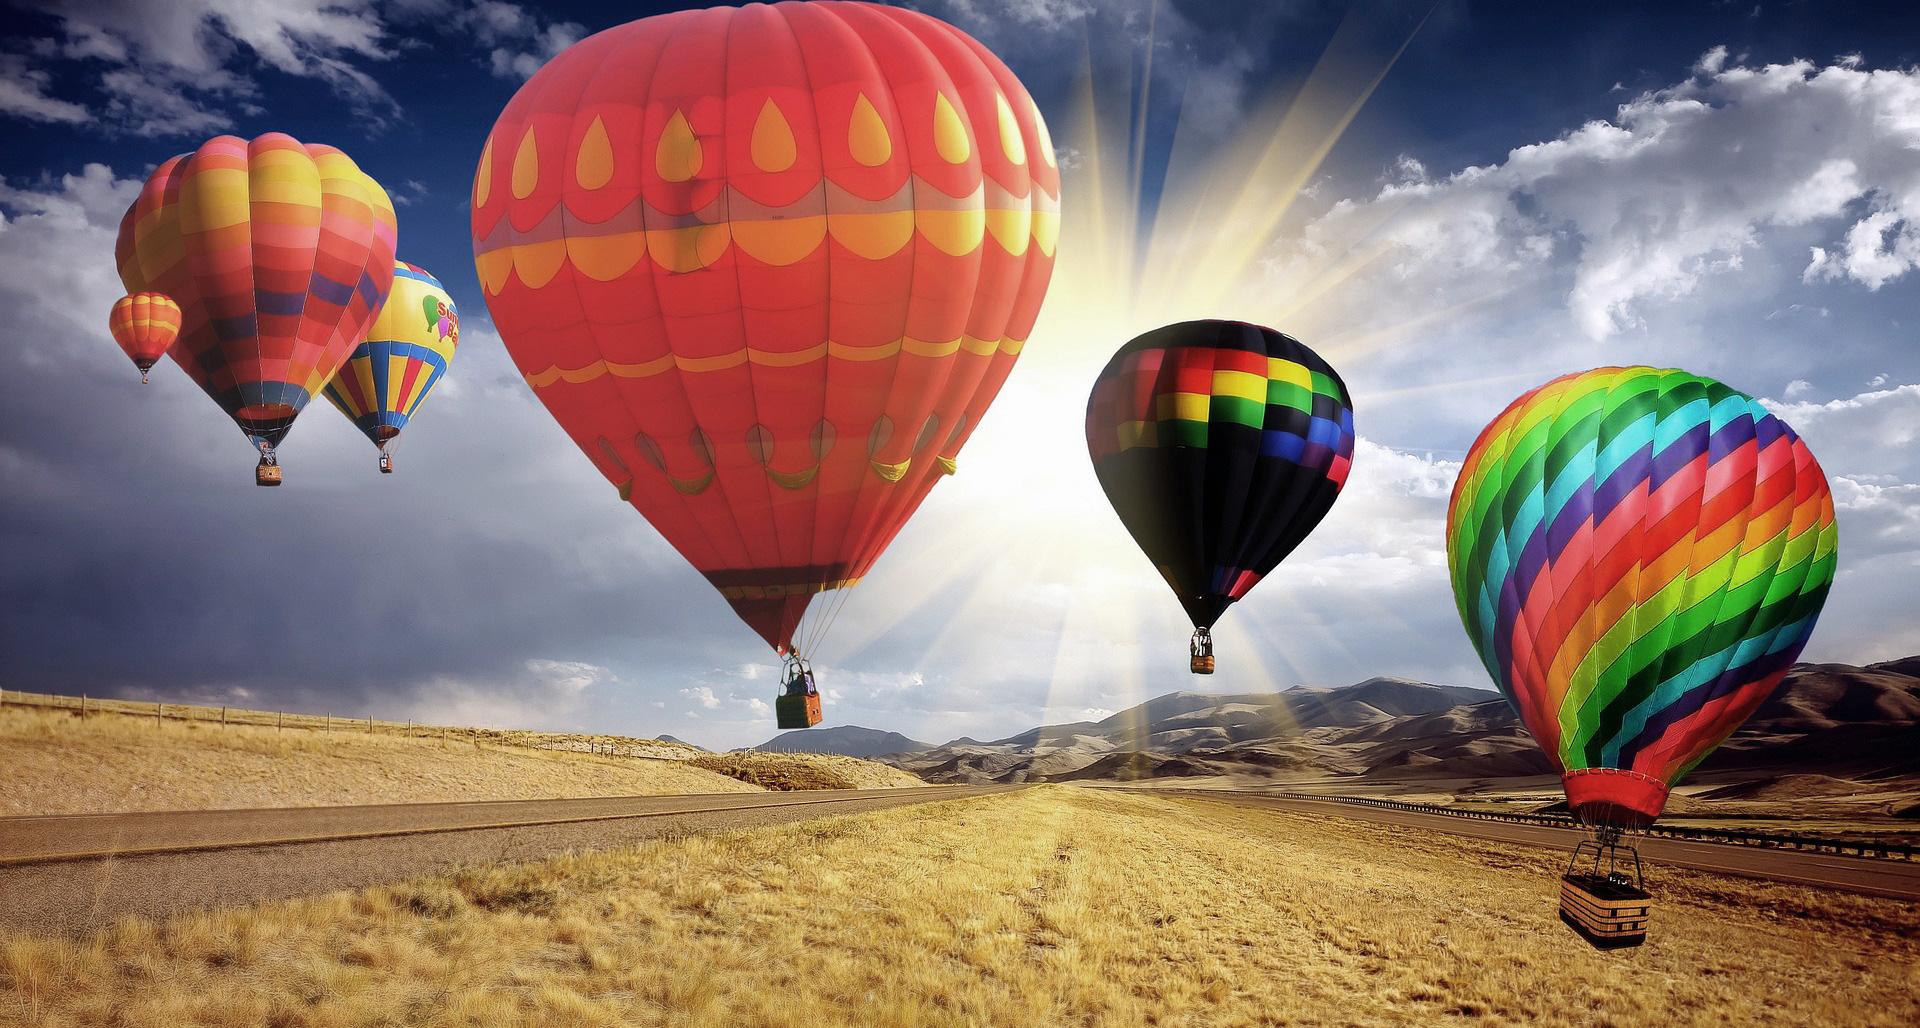 heissluftballon-strasse